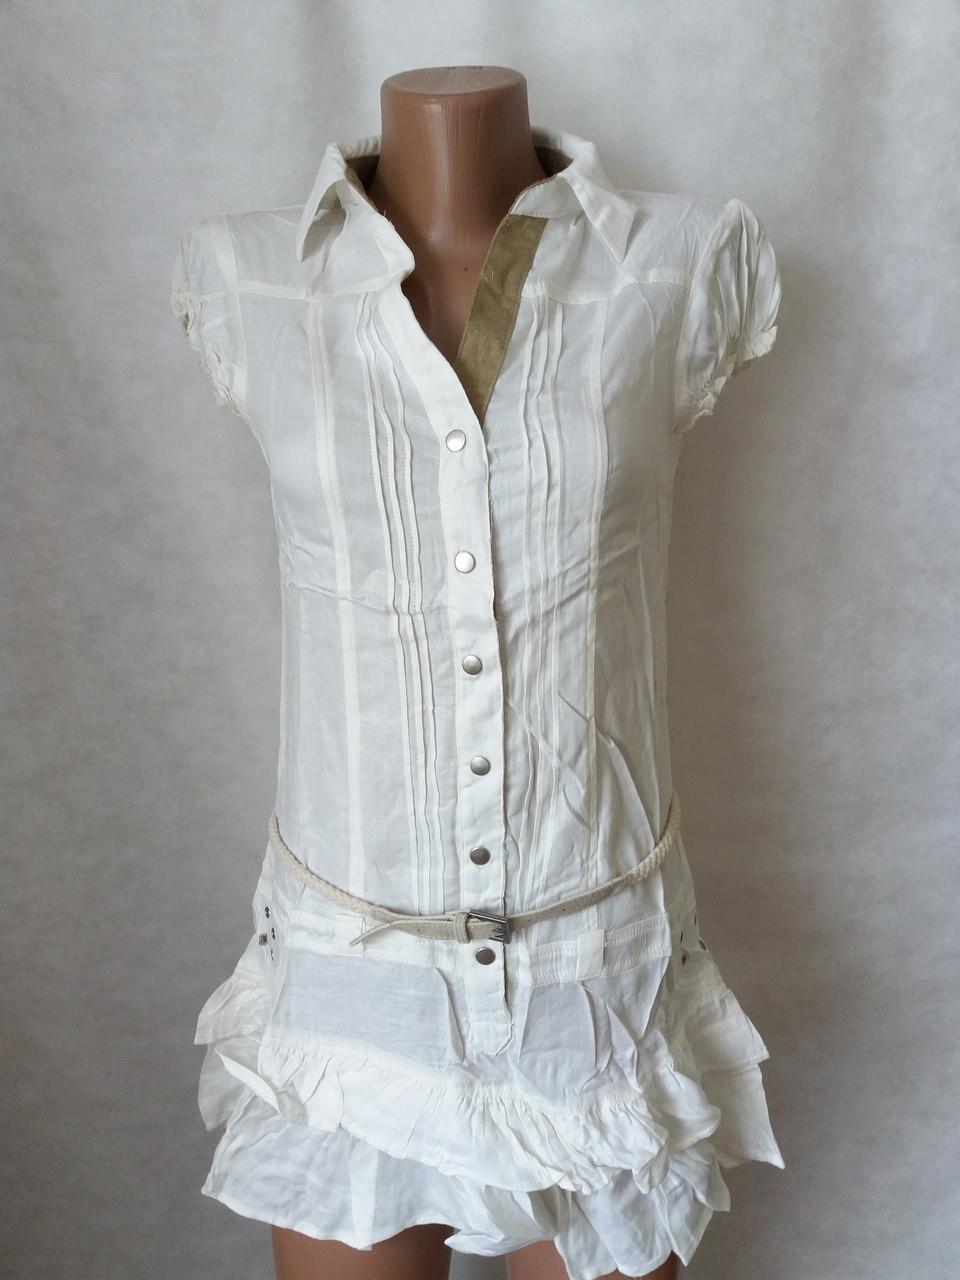 Блузы/туники женские хлопок р.42,44,46,48 №0228.Цвета разные.От 16шт по 14грн